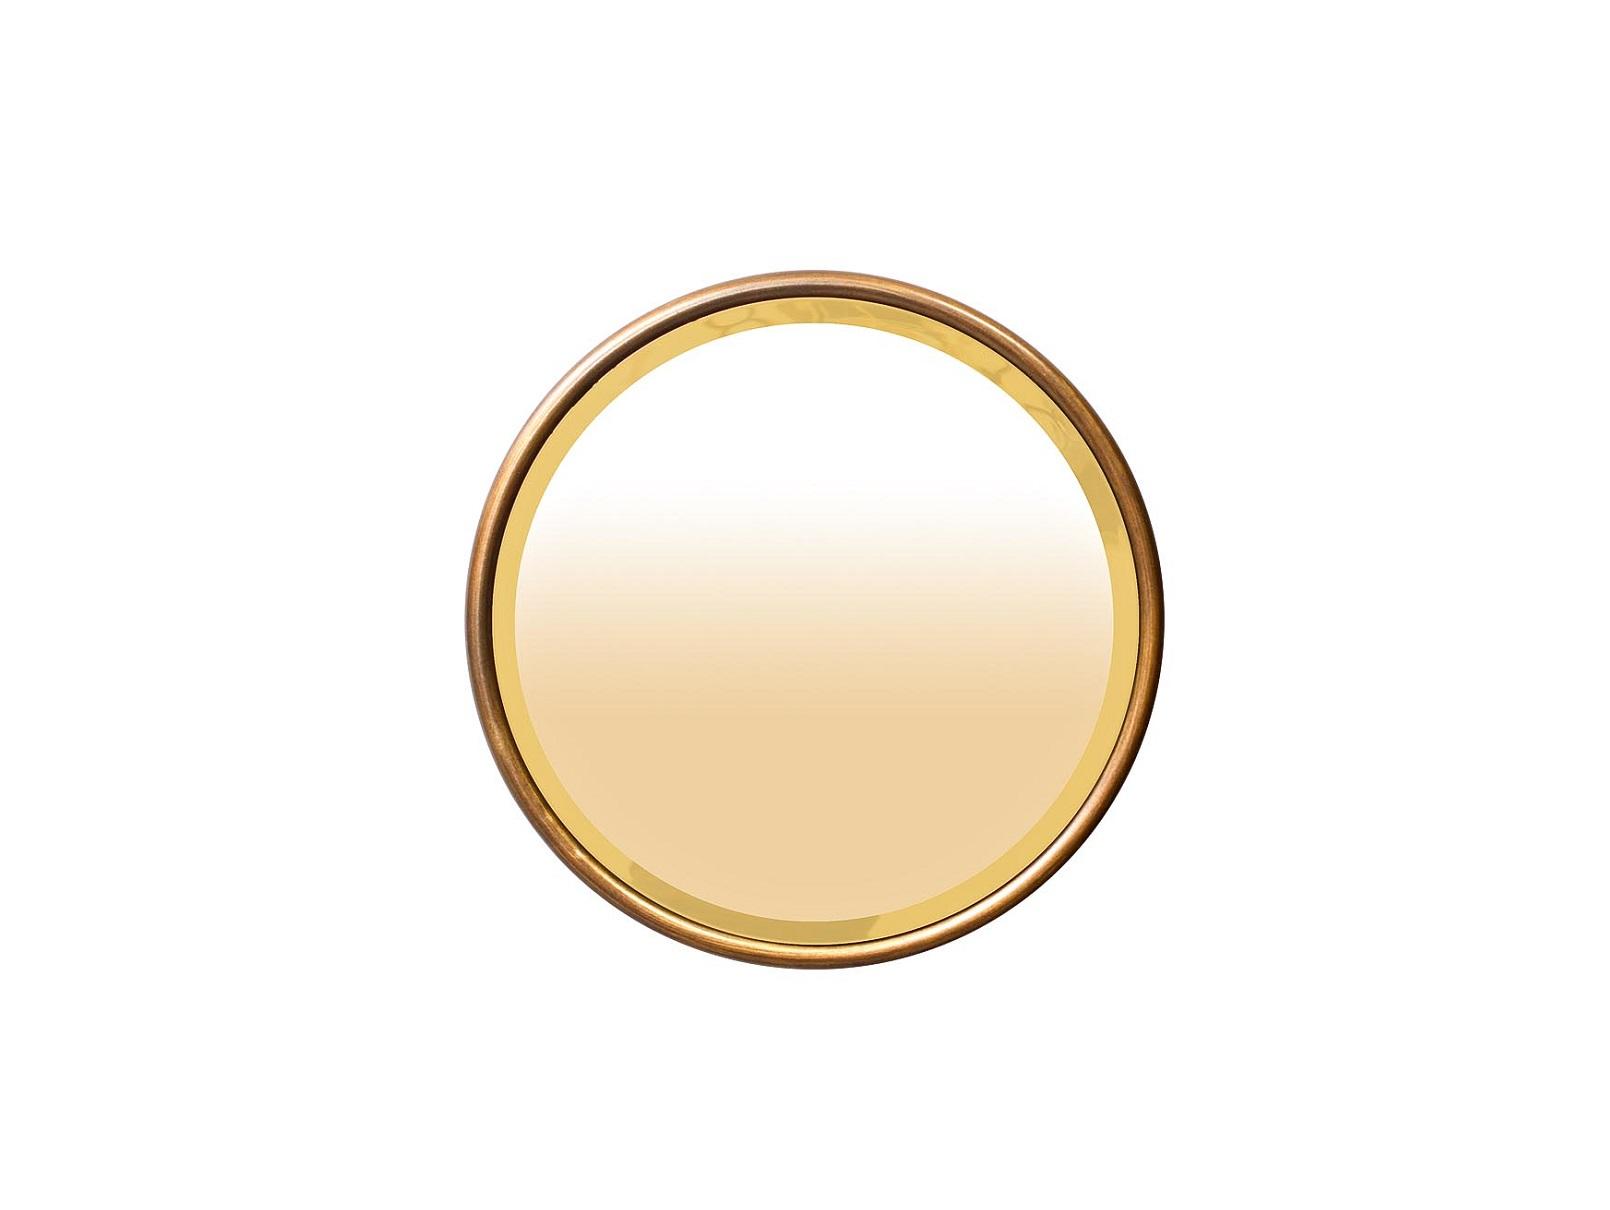 ЗеркалоНастенные зеркала<br><br><br>kit: None<br>gender: None